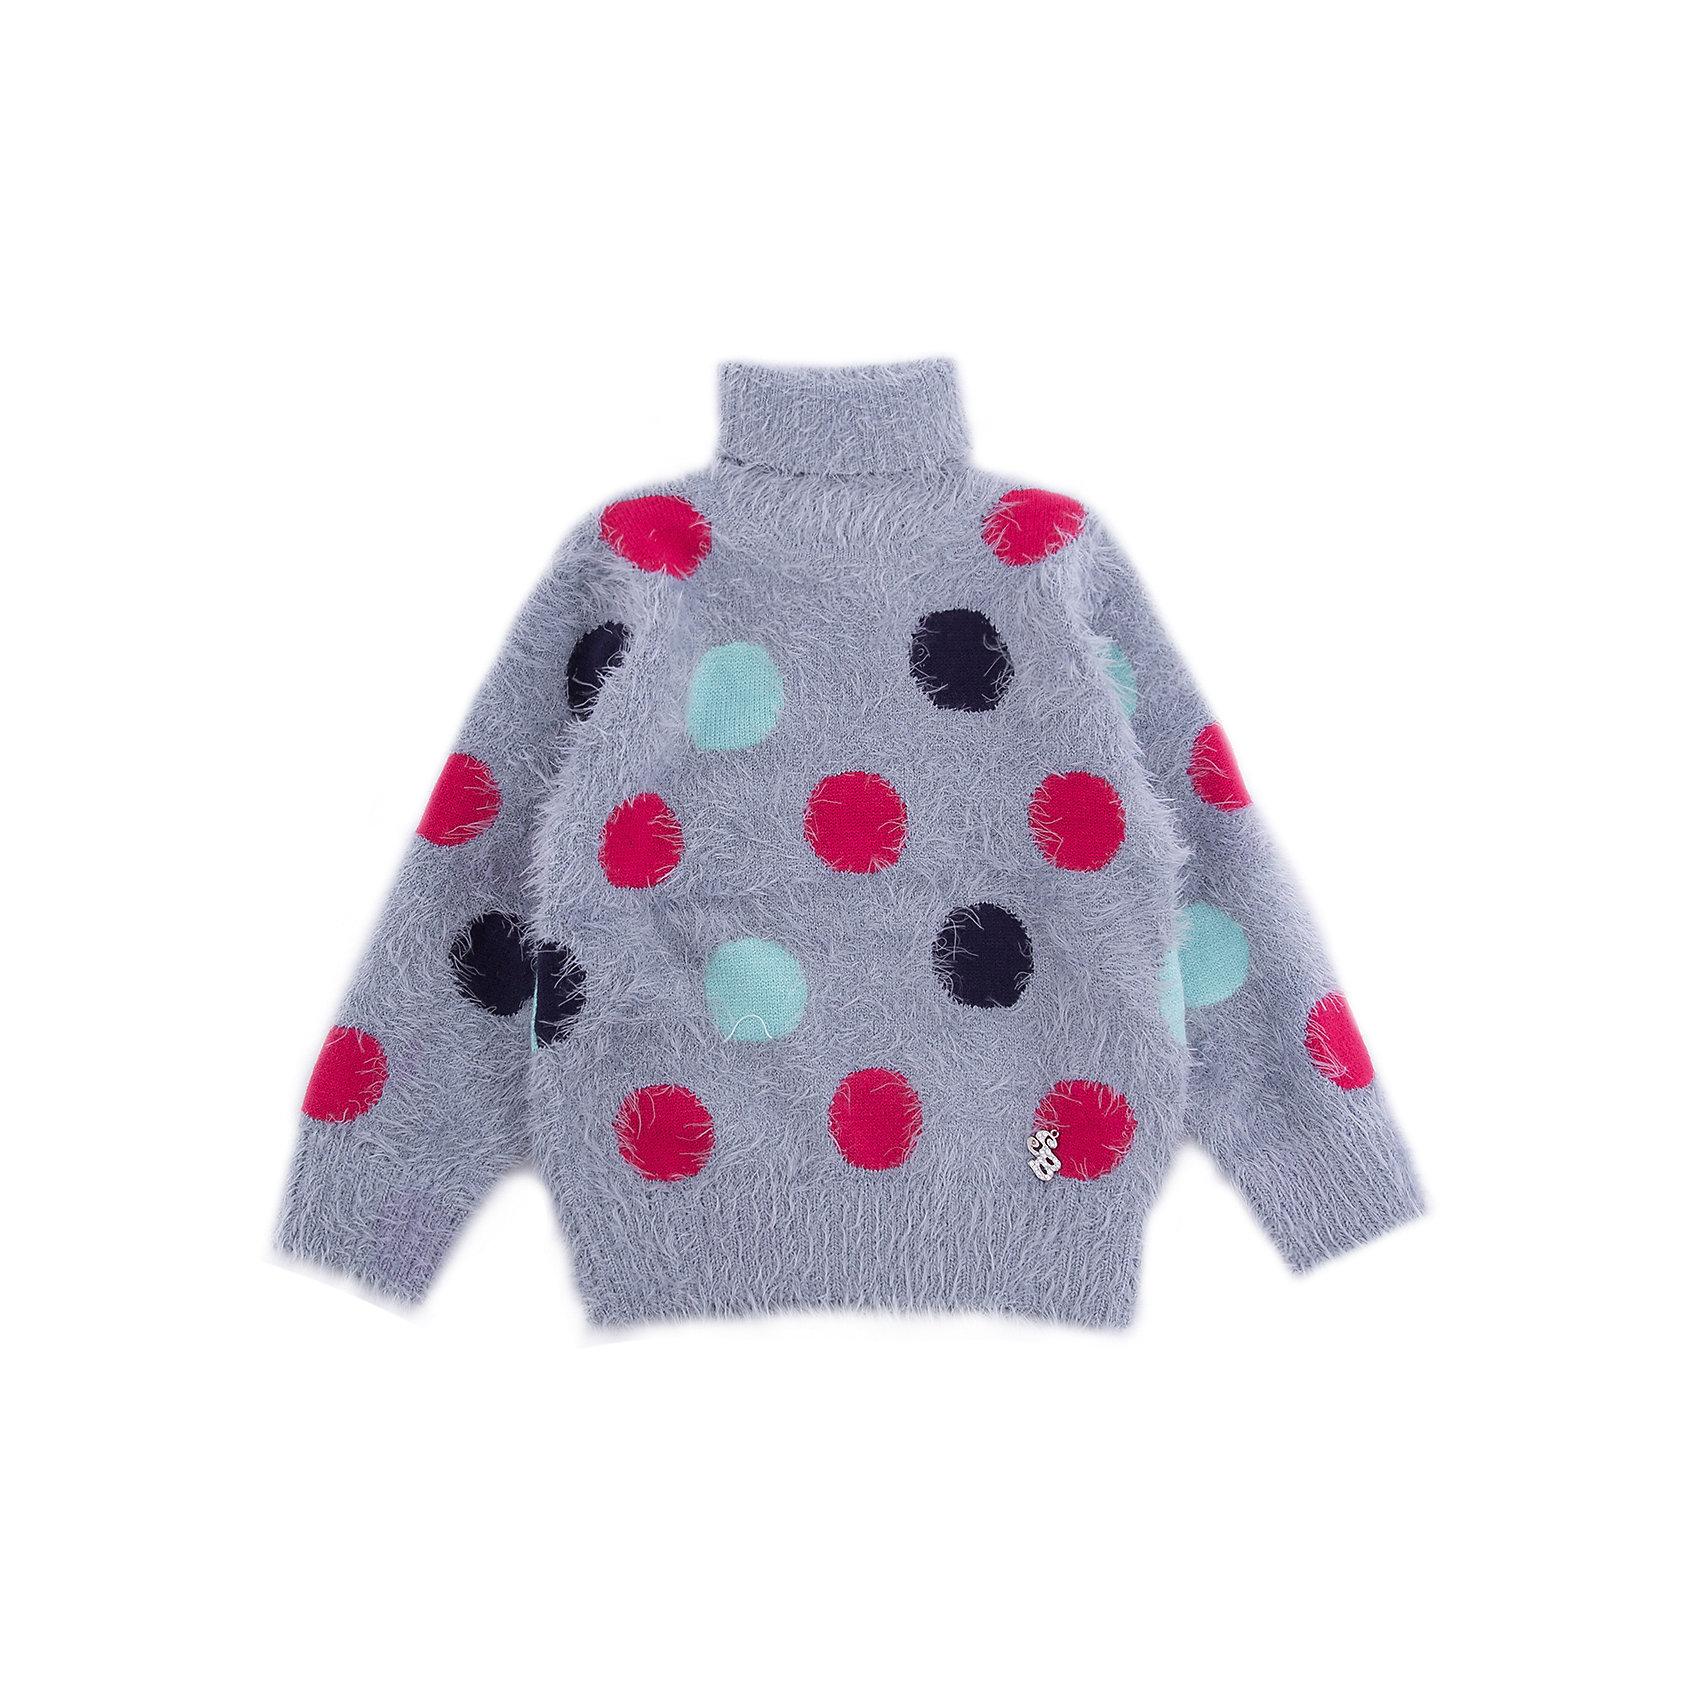 Свитер Sweet Berry для девочкиСвитера и кардиганы<br>Свитер Sweet Berry для девочки<br>Мягкий свитер для девочки из ворсовой пряжи травка серого цвета с воротником- стойкой декорированный ярким вязанным горошком.<br>Состав:<br>60% нейлон, 40% акрил<br><br>Ширина мм: 190<br>Глубина мм: 74<br>Высота мм: 229<br>Вес г: 236<br>Цвет: серый<br>Возраст от месяцев: 24<br>Возраст до месяцев: 36<br>Пол: Женский<br>Возраст: Детский<br>Размер: 98,80,86,92<br>SKU: 7095654